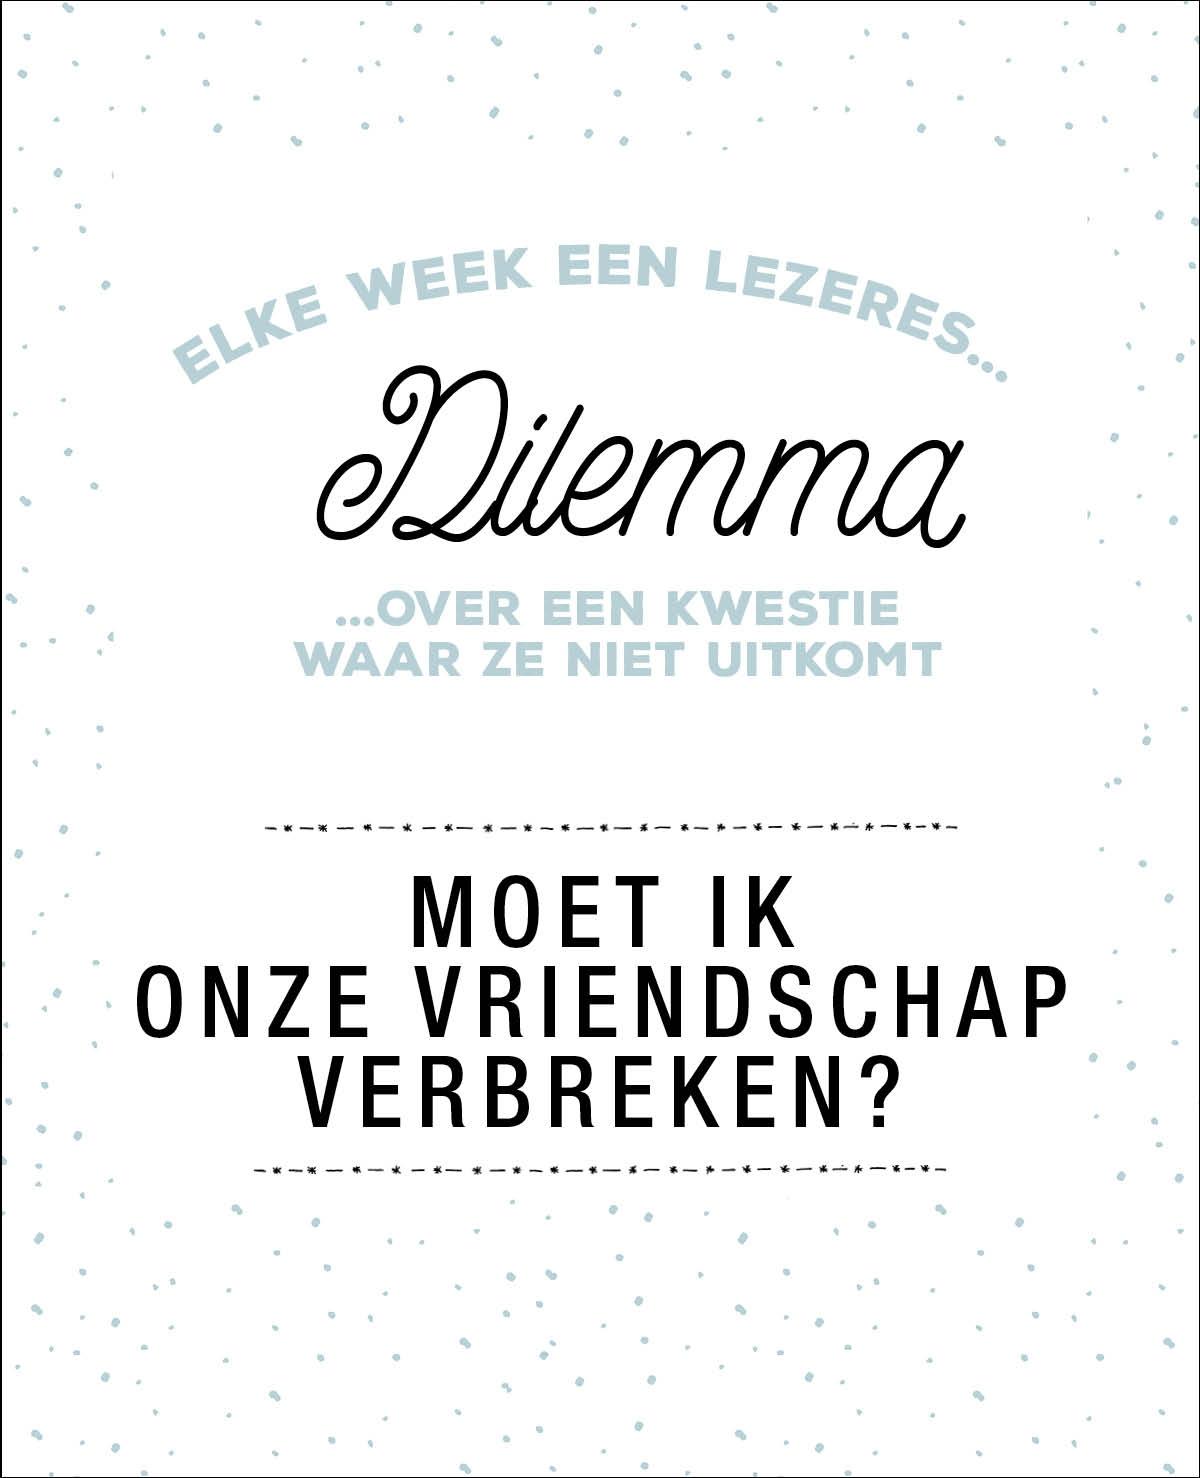 Dilemma: Moet ik onze vriendschap verbreken?